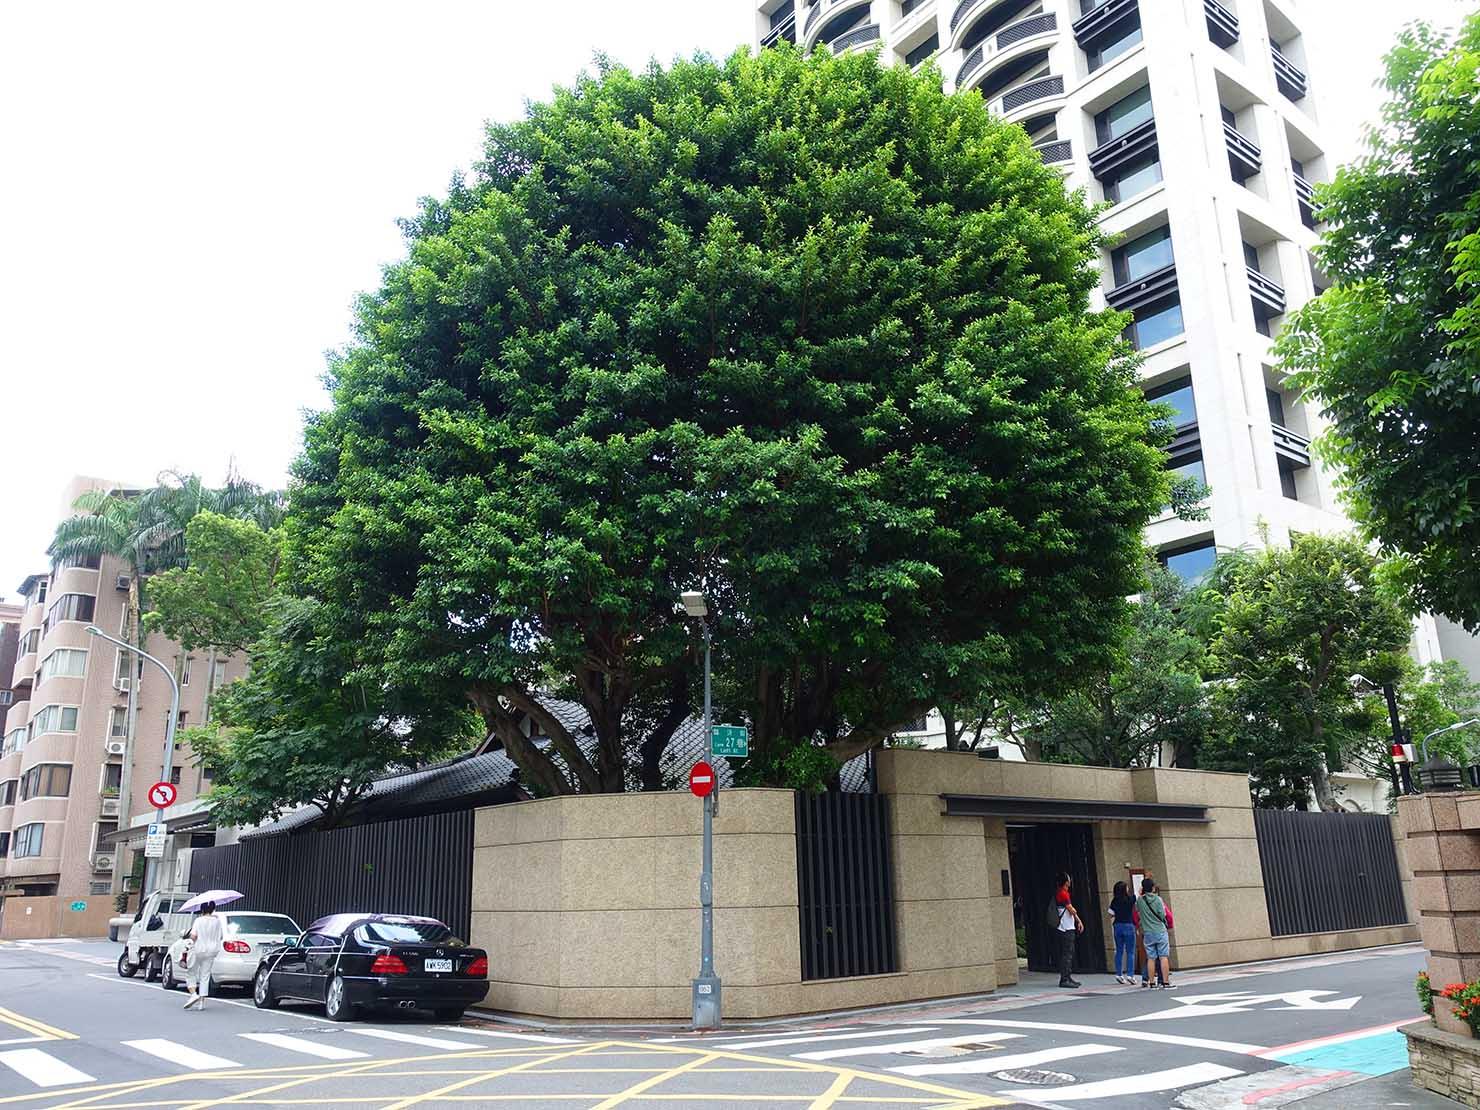 台北の街に佇む日本式古民家の図書館「文房 Chapter」の外観